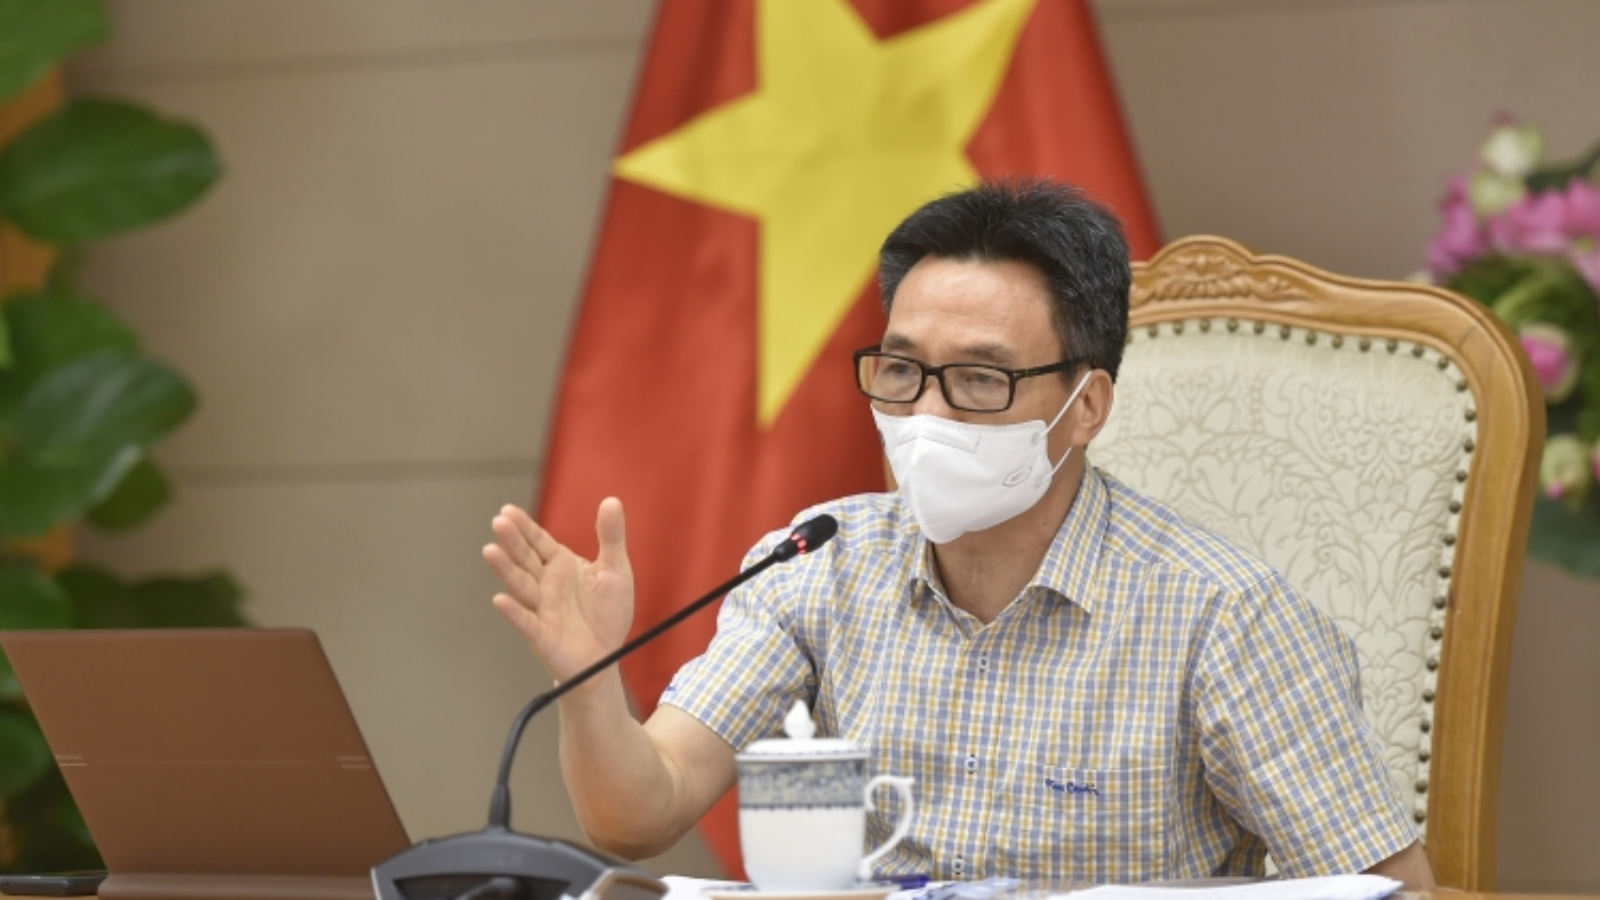 Phó Thủ tướng Vũ Đức Đam yêu cầu Phú Yên, Khánh Hòa dập dịch dứt điểm